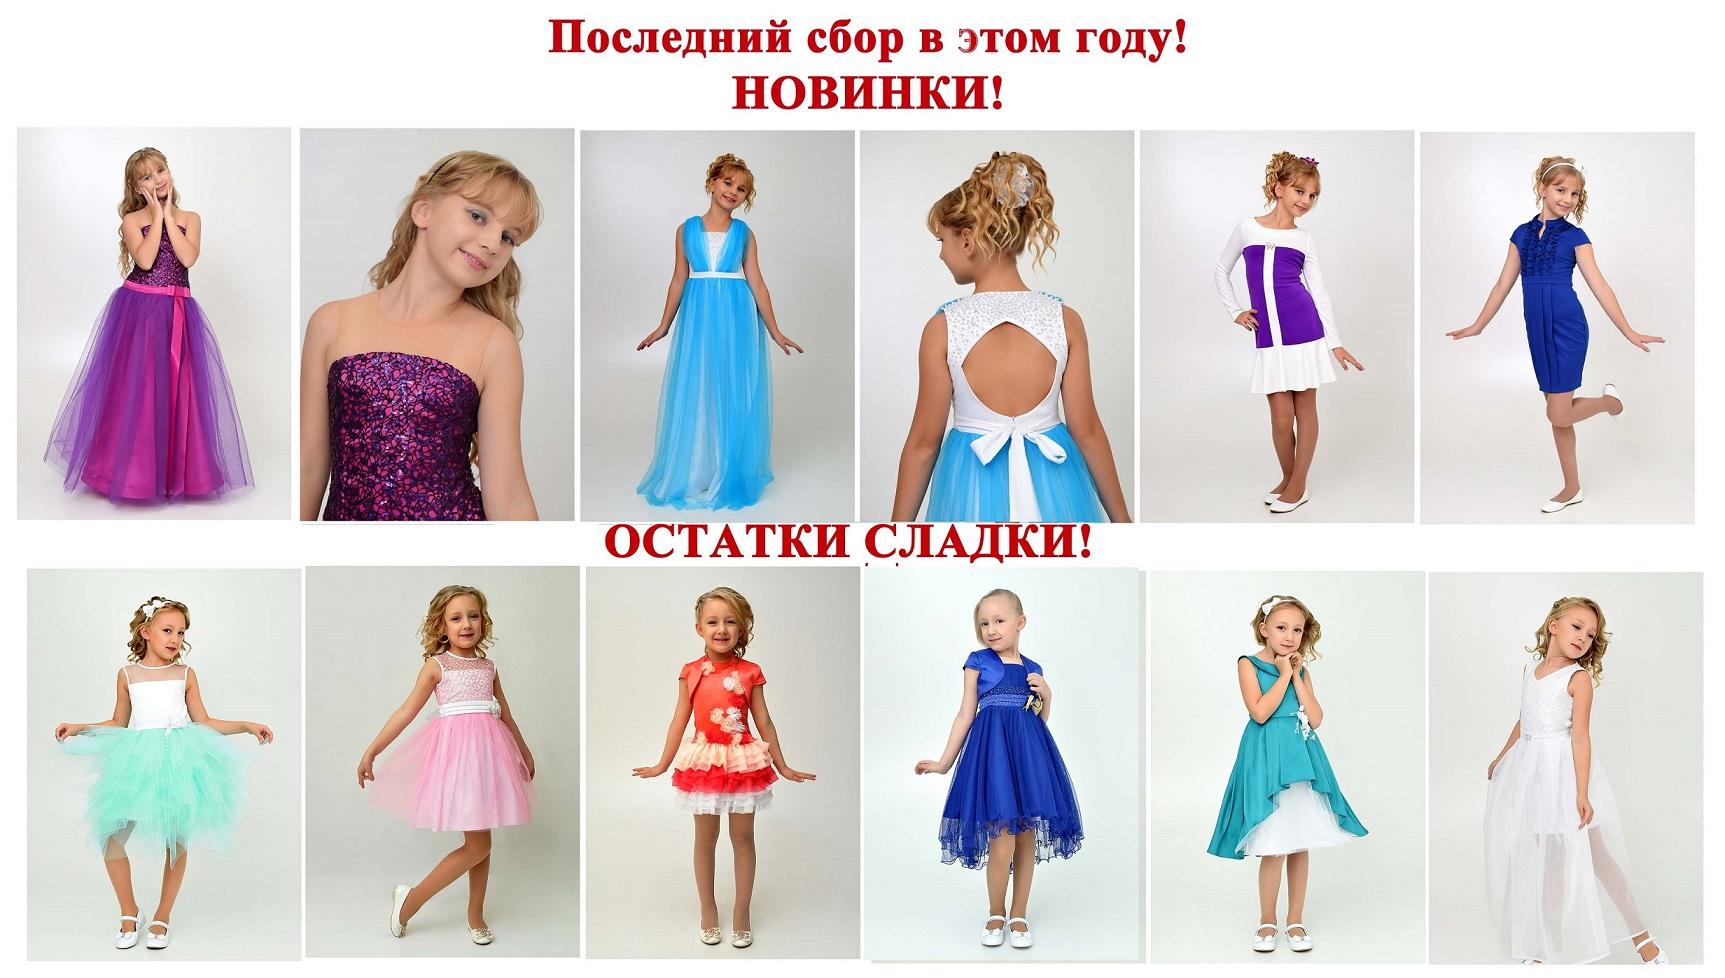 Последний сбор в этом году! Новая коллекция нарядных и повседневных платьев от Ладетто. Готовимся к праздникам! Размеры